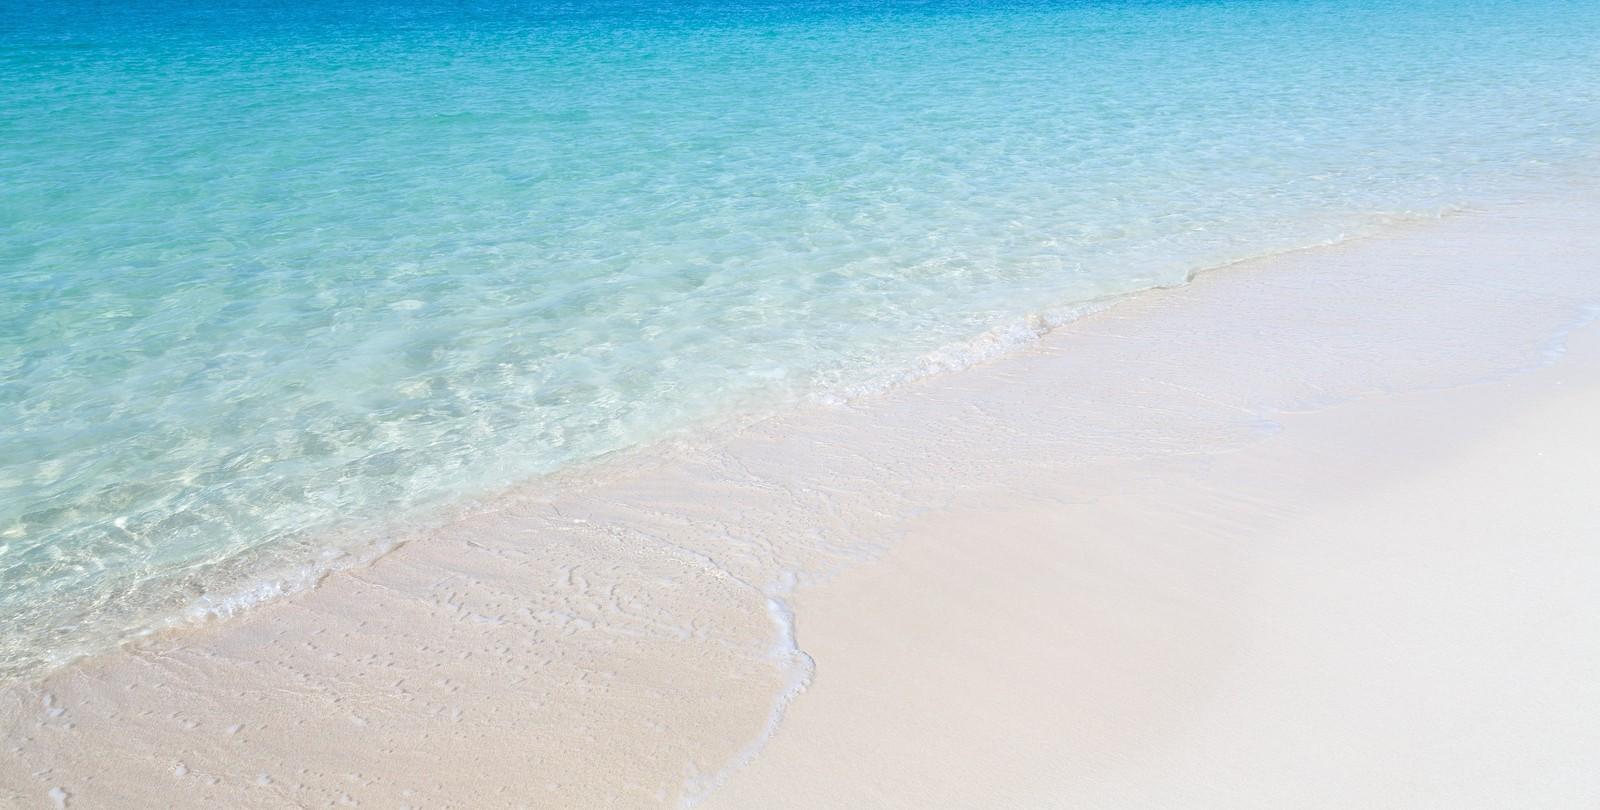 ザキントス島観光へGO!綺麗な海が広がる絶景!紅の豚の隠れ家がある?